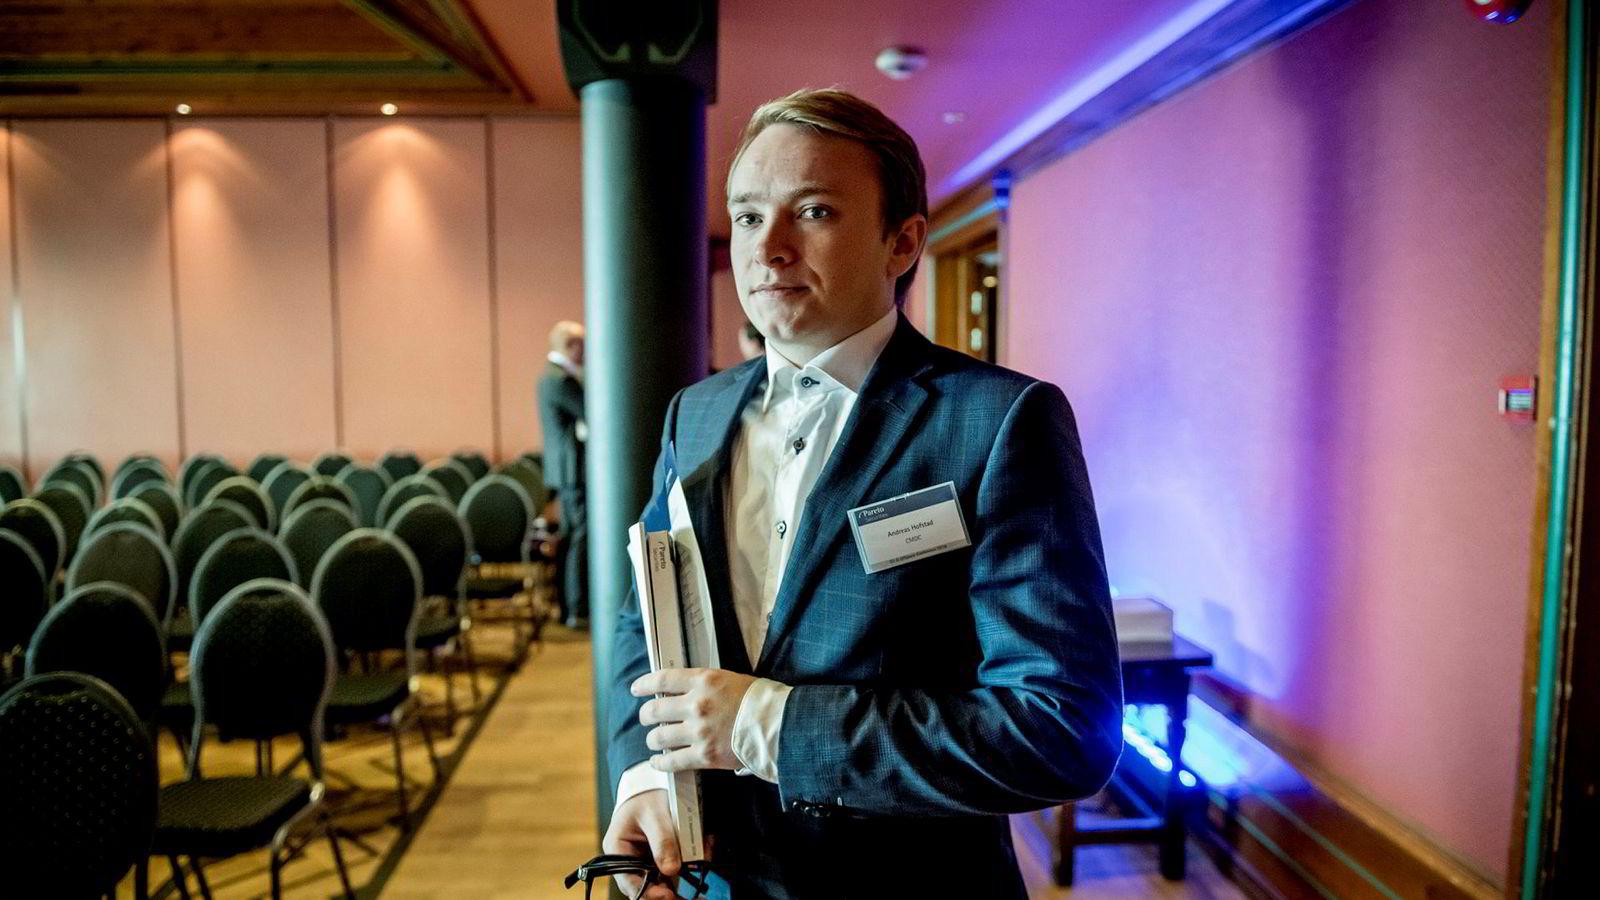 – Interessen er det viktigste og det som driver meg, sier aksjehandler Andreas Wold Hofstad fra Trondheim